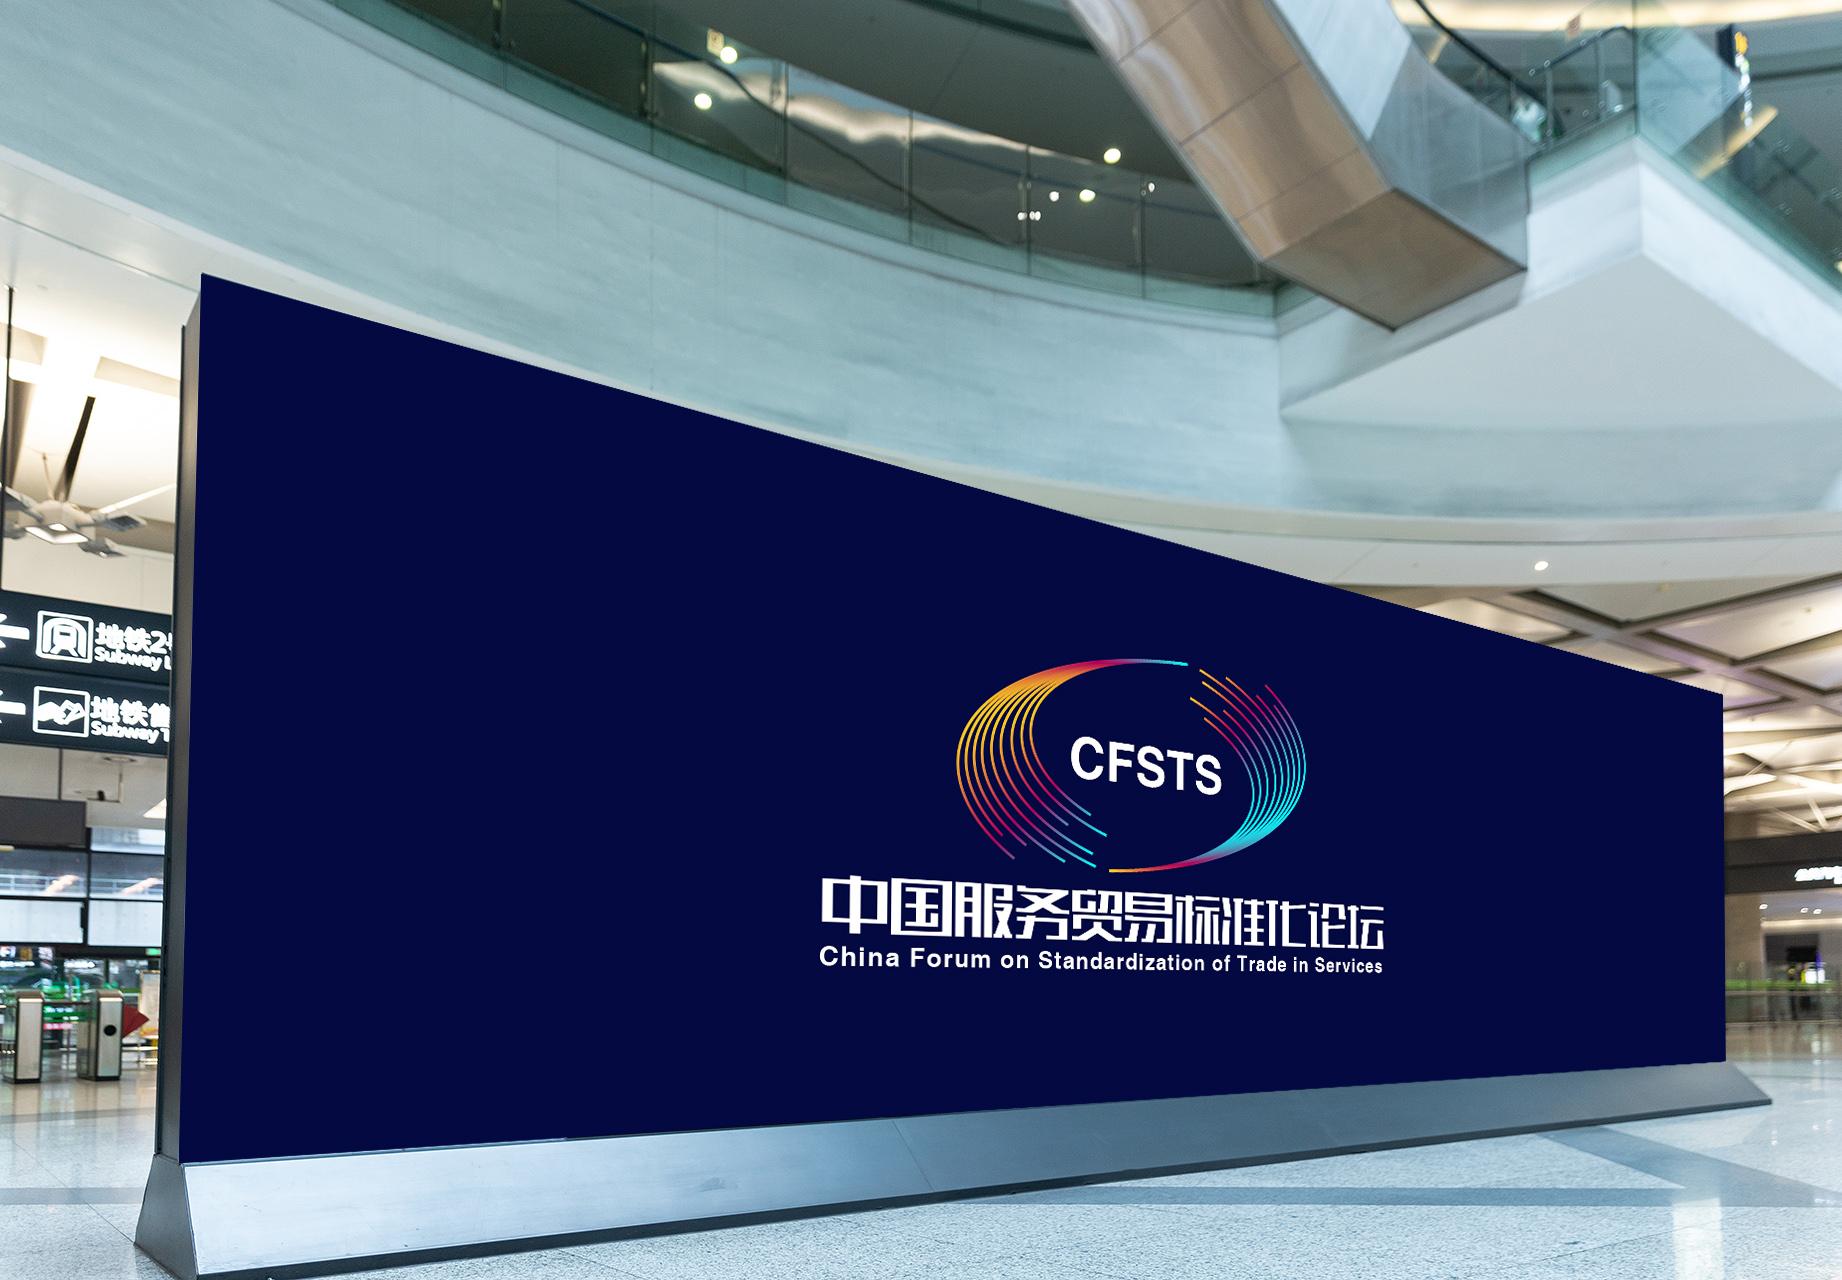 中国服务贸易标准化论坛logo征集方案_3038303_k68威客网